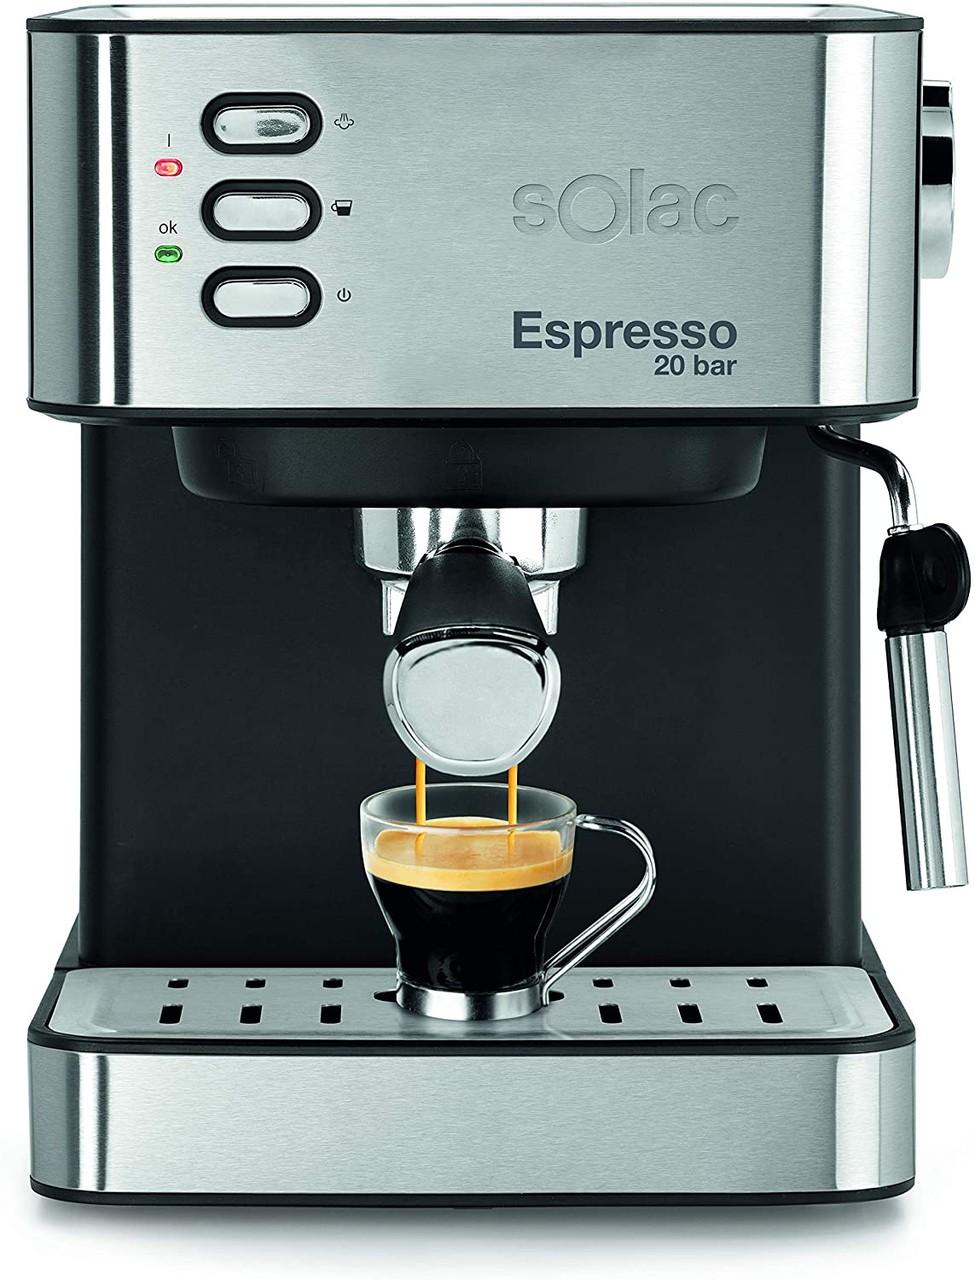 Machine à expresso Solac  20 bar 2 en 1 pour dosettes ou café moulu, inox